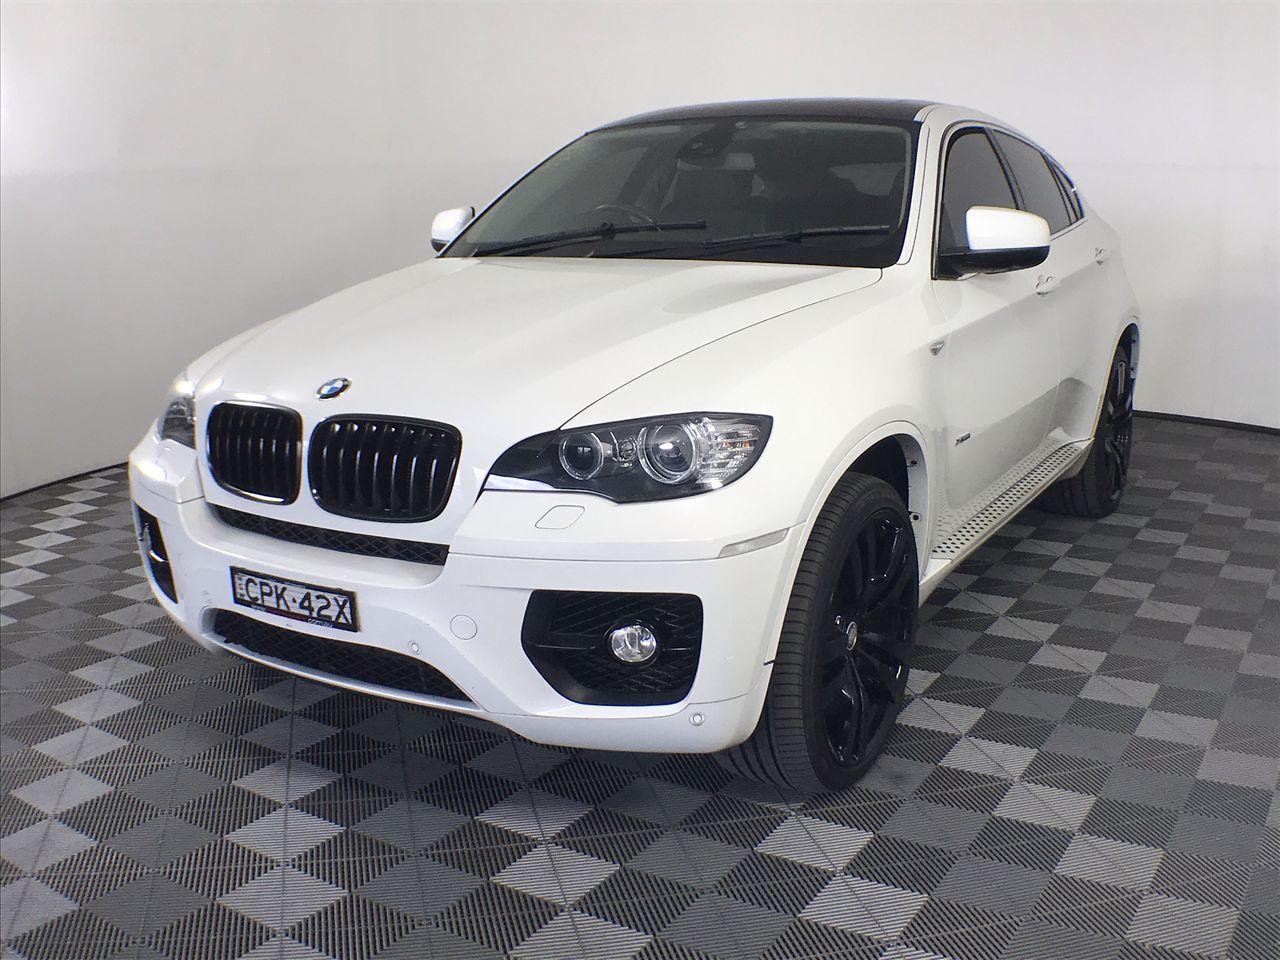 2011 BMW X6 xDrive 50i E71 LCI Automatic - 8 Speed Coupe